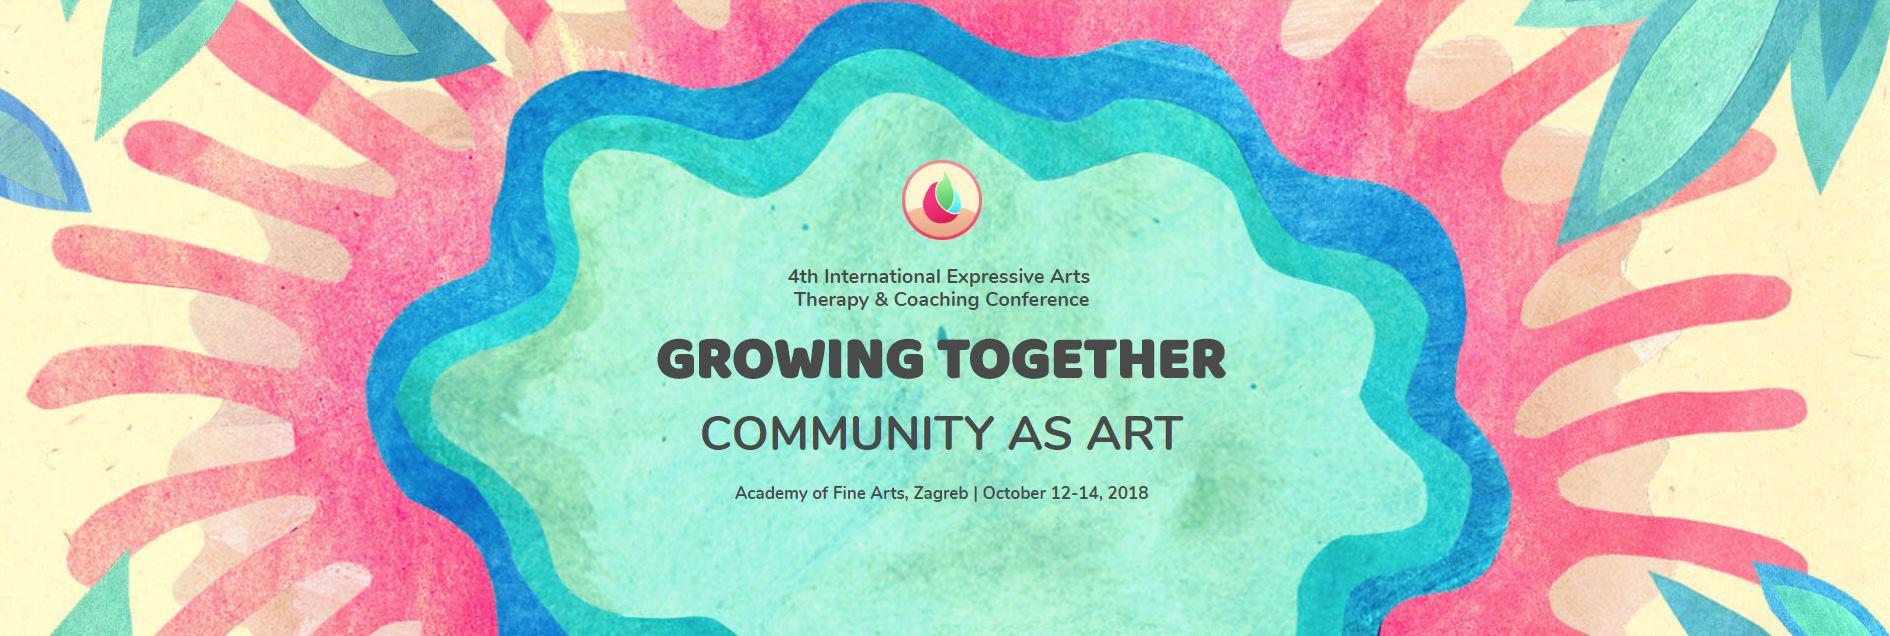 'Međunarodna konferencija ekspresivne art terapije i coachinga' se po prvi put održava u Hrvatskoj